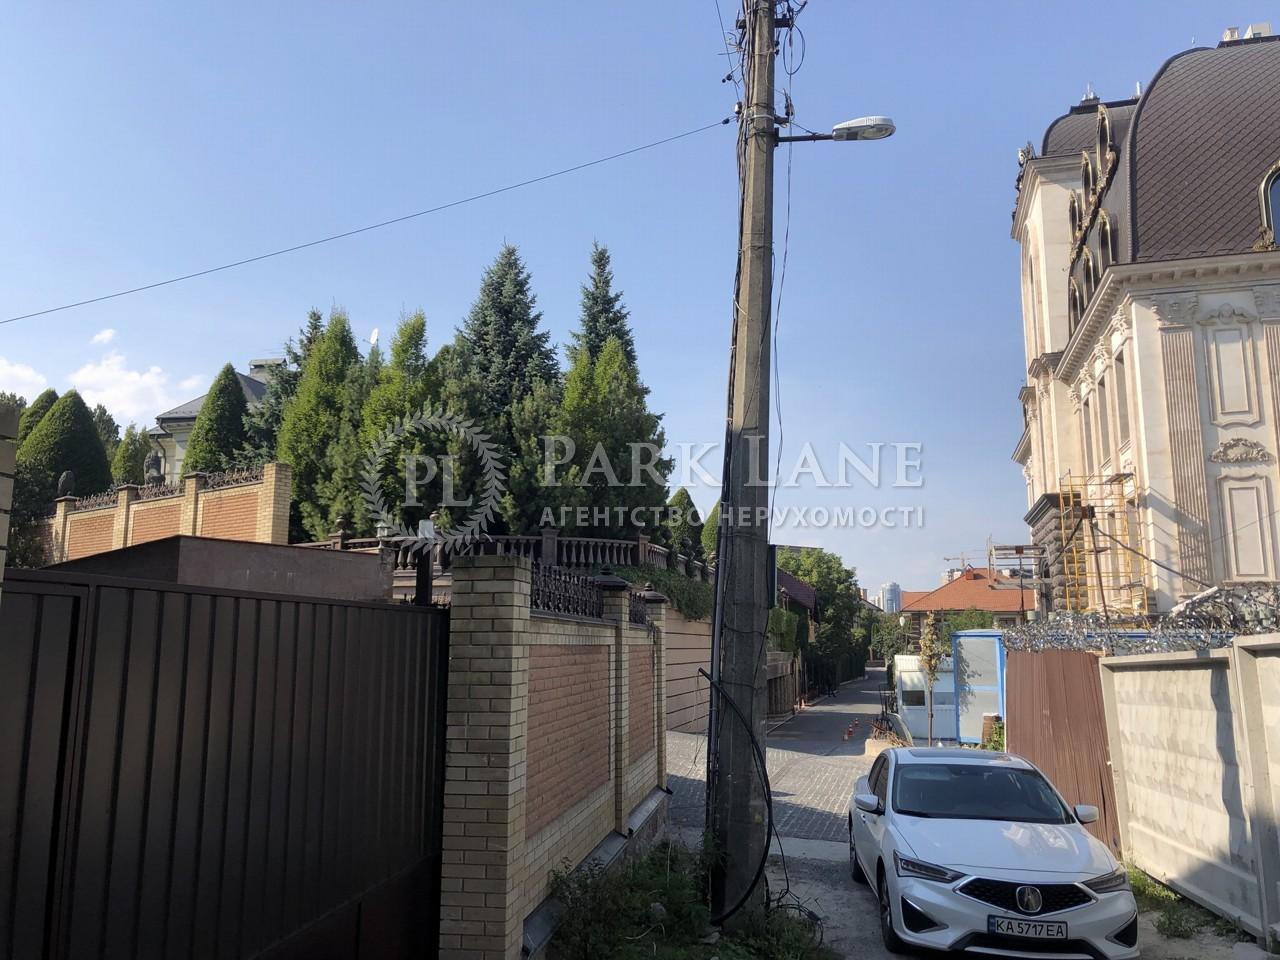 Земельный участок ул. Землянская, Киев, R-39569 - Фото 2